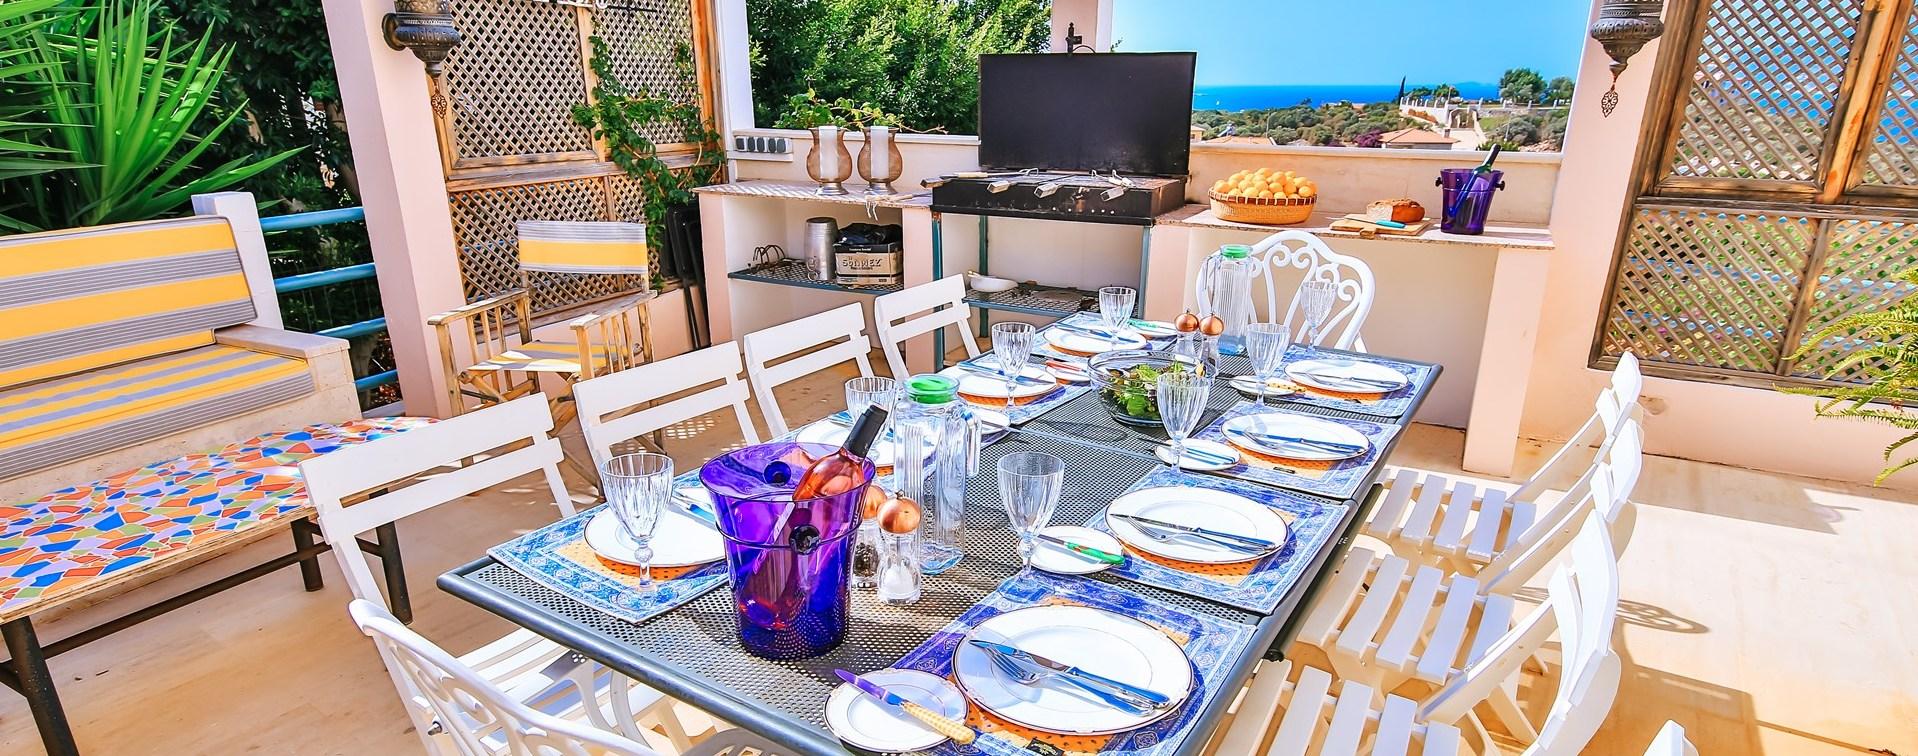 villa-kas-al-fresco-dining-terrace